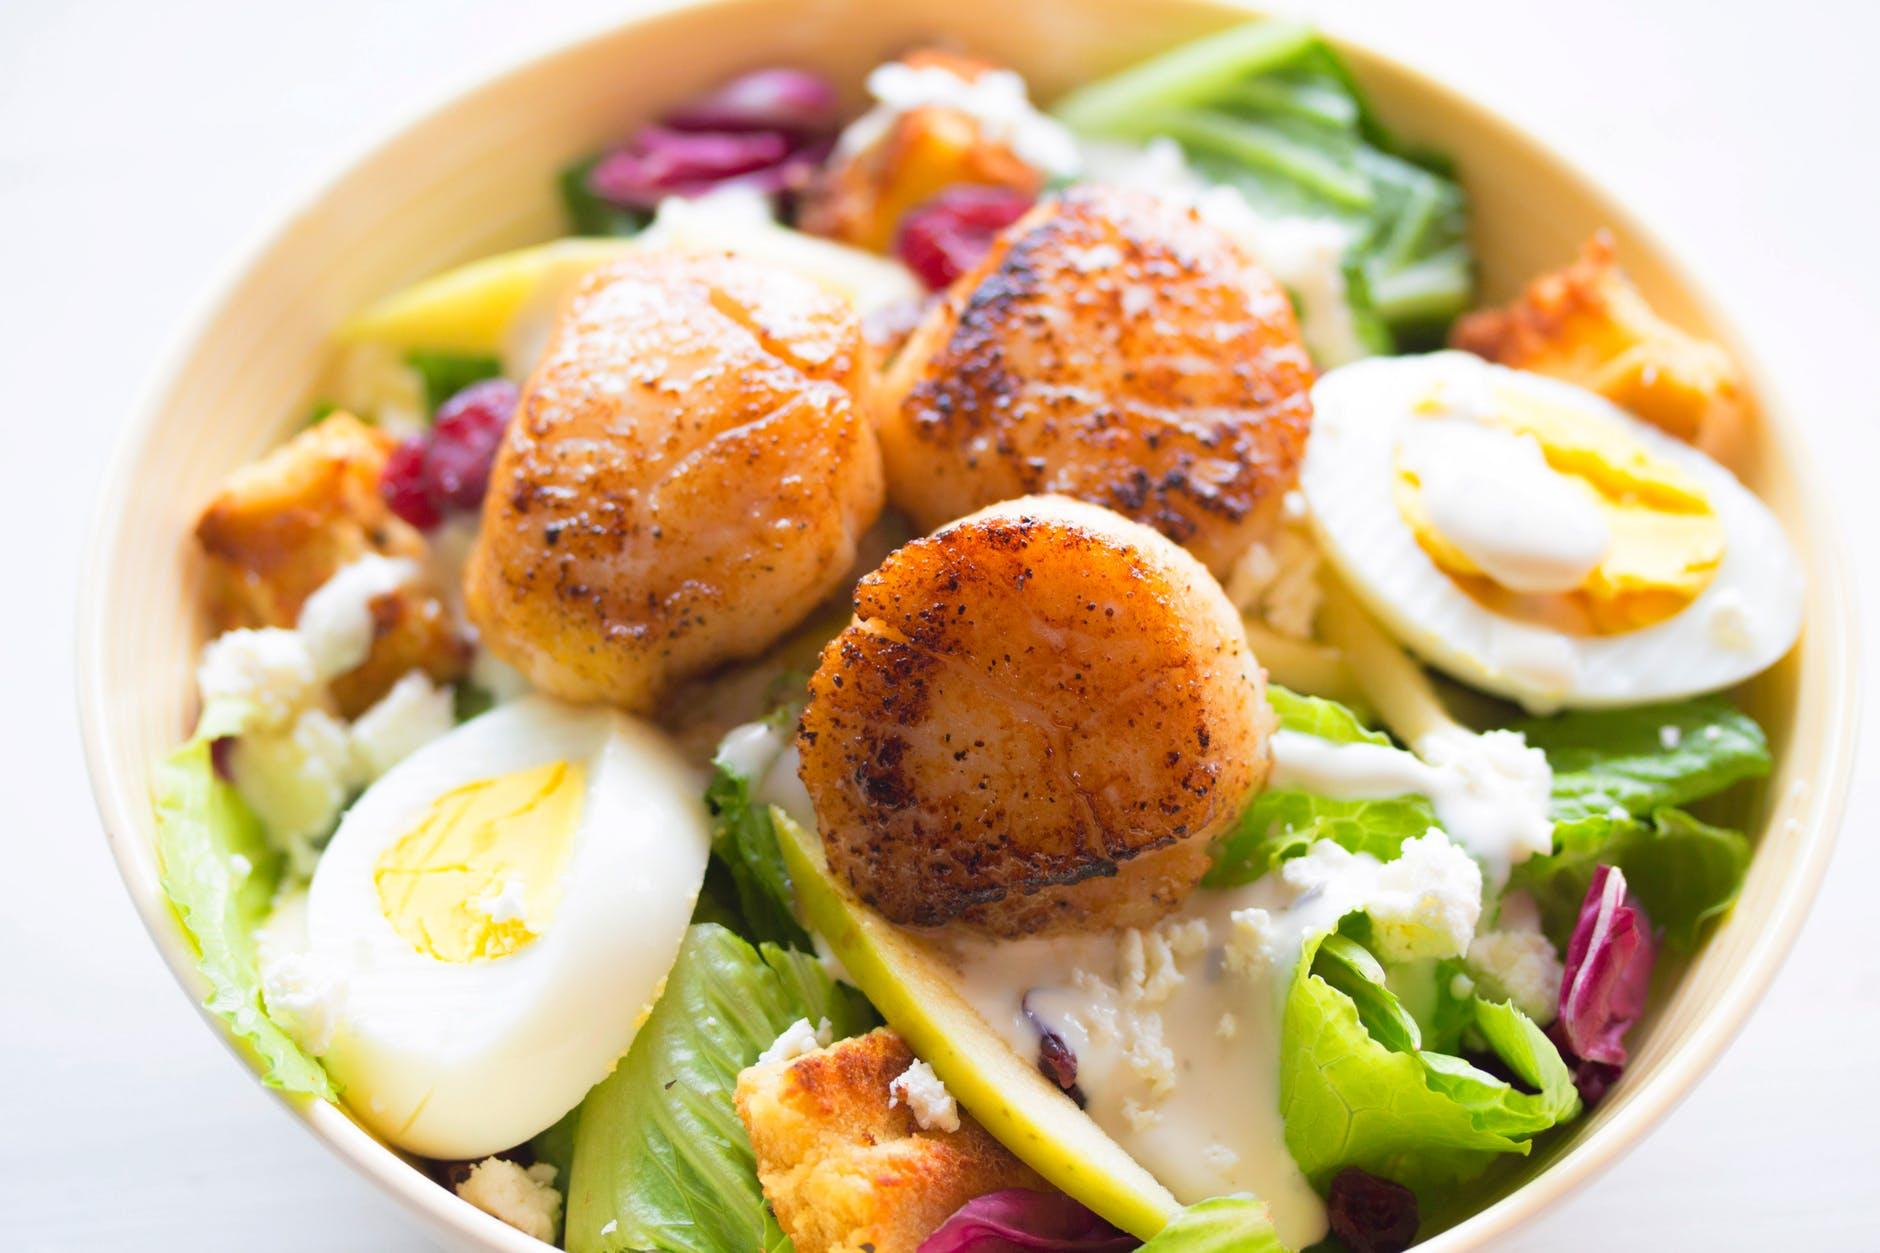 أطعمة ضرورية لتعزيز القدرات الذهنية